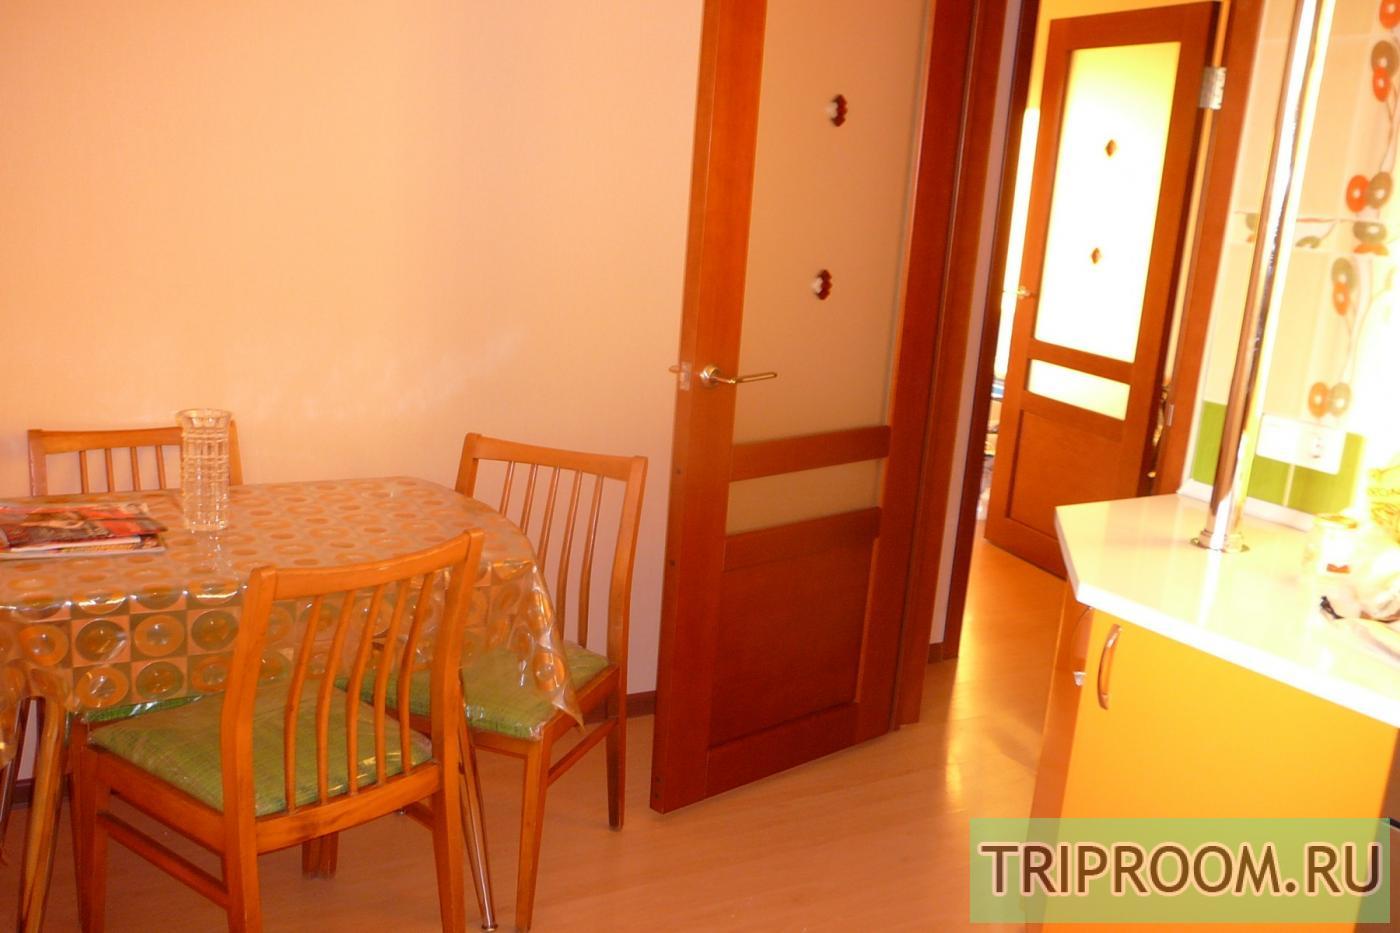 1-комнатная квартира посуточно (вариант № 20895), ул. Ленинский пр-т, фото № 2